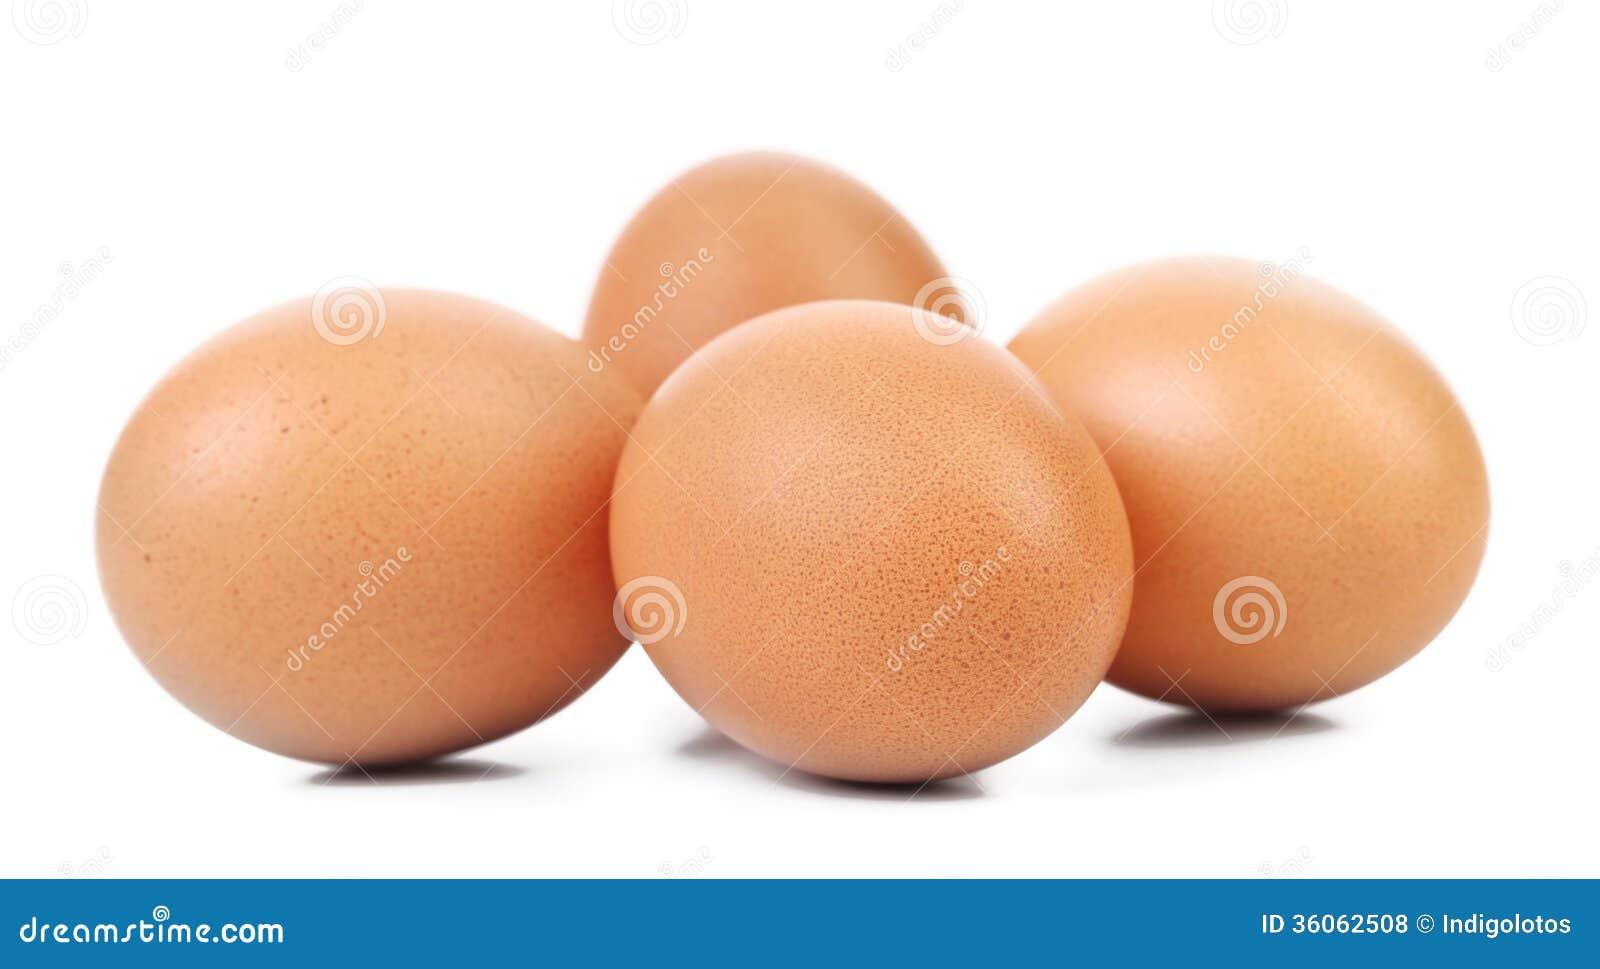 Vier bruine eieren